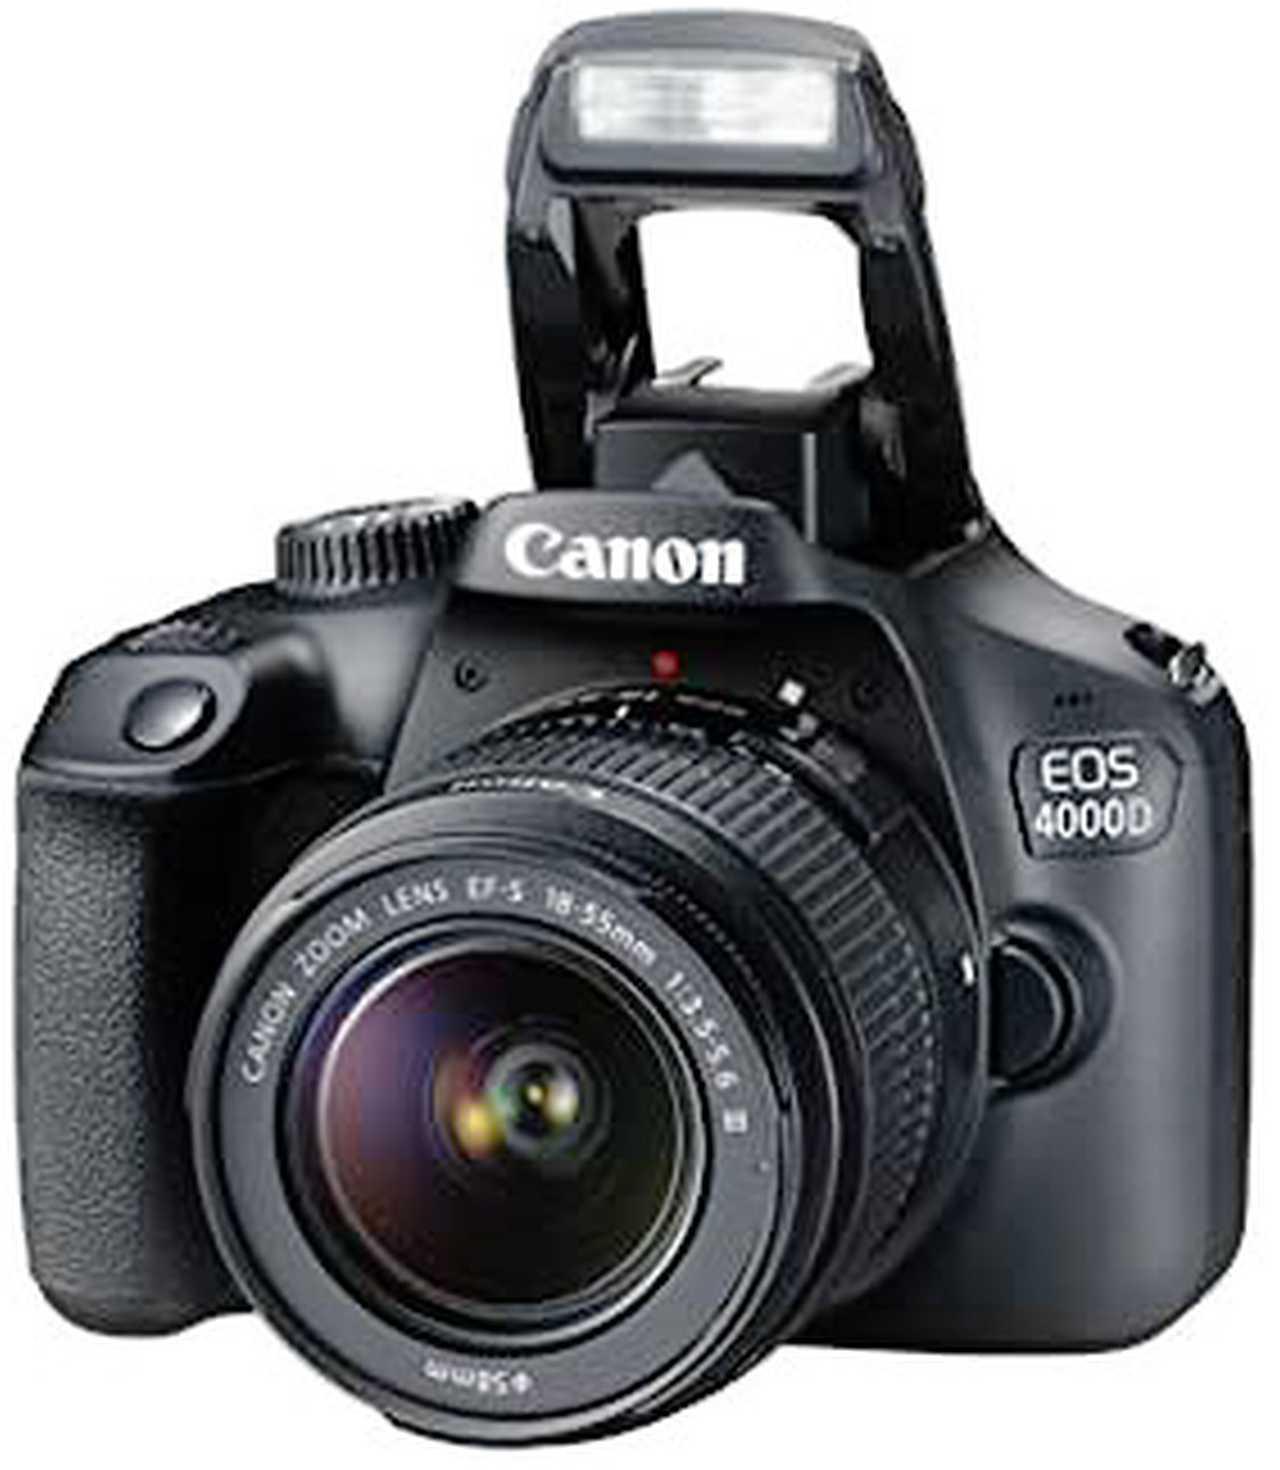 Canon EOS-4000D